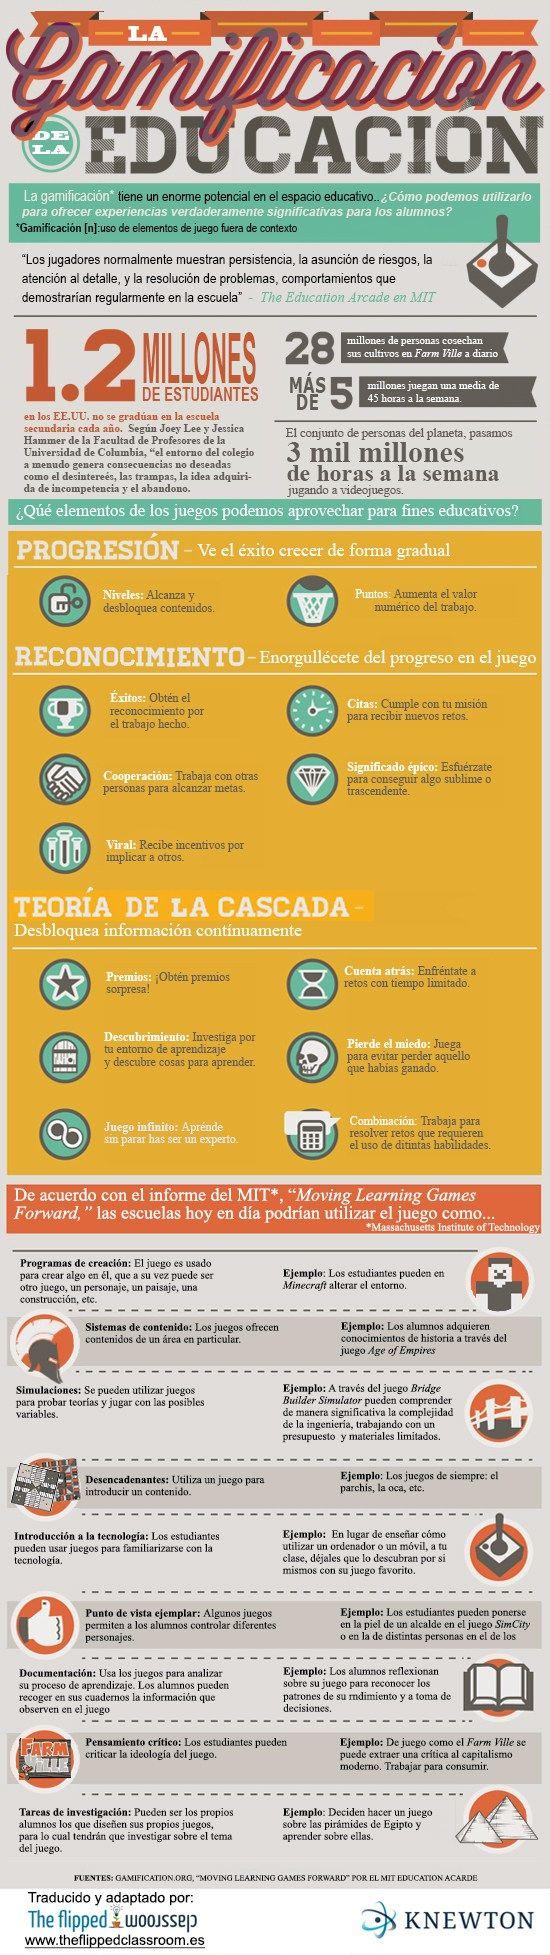 La Gamificación de la educación   Educación 4.0